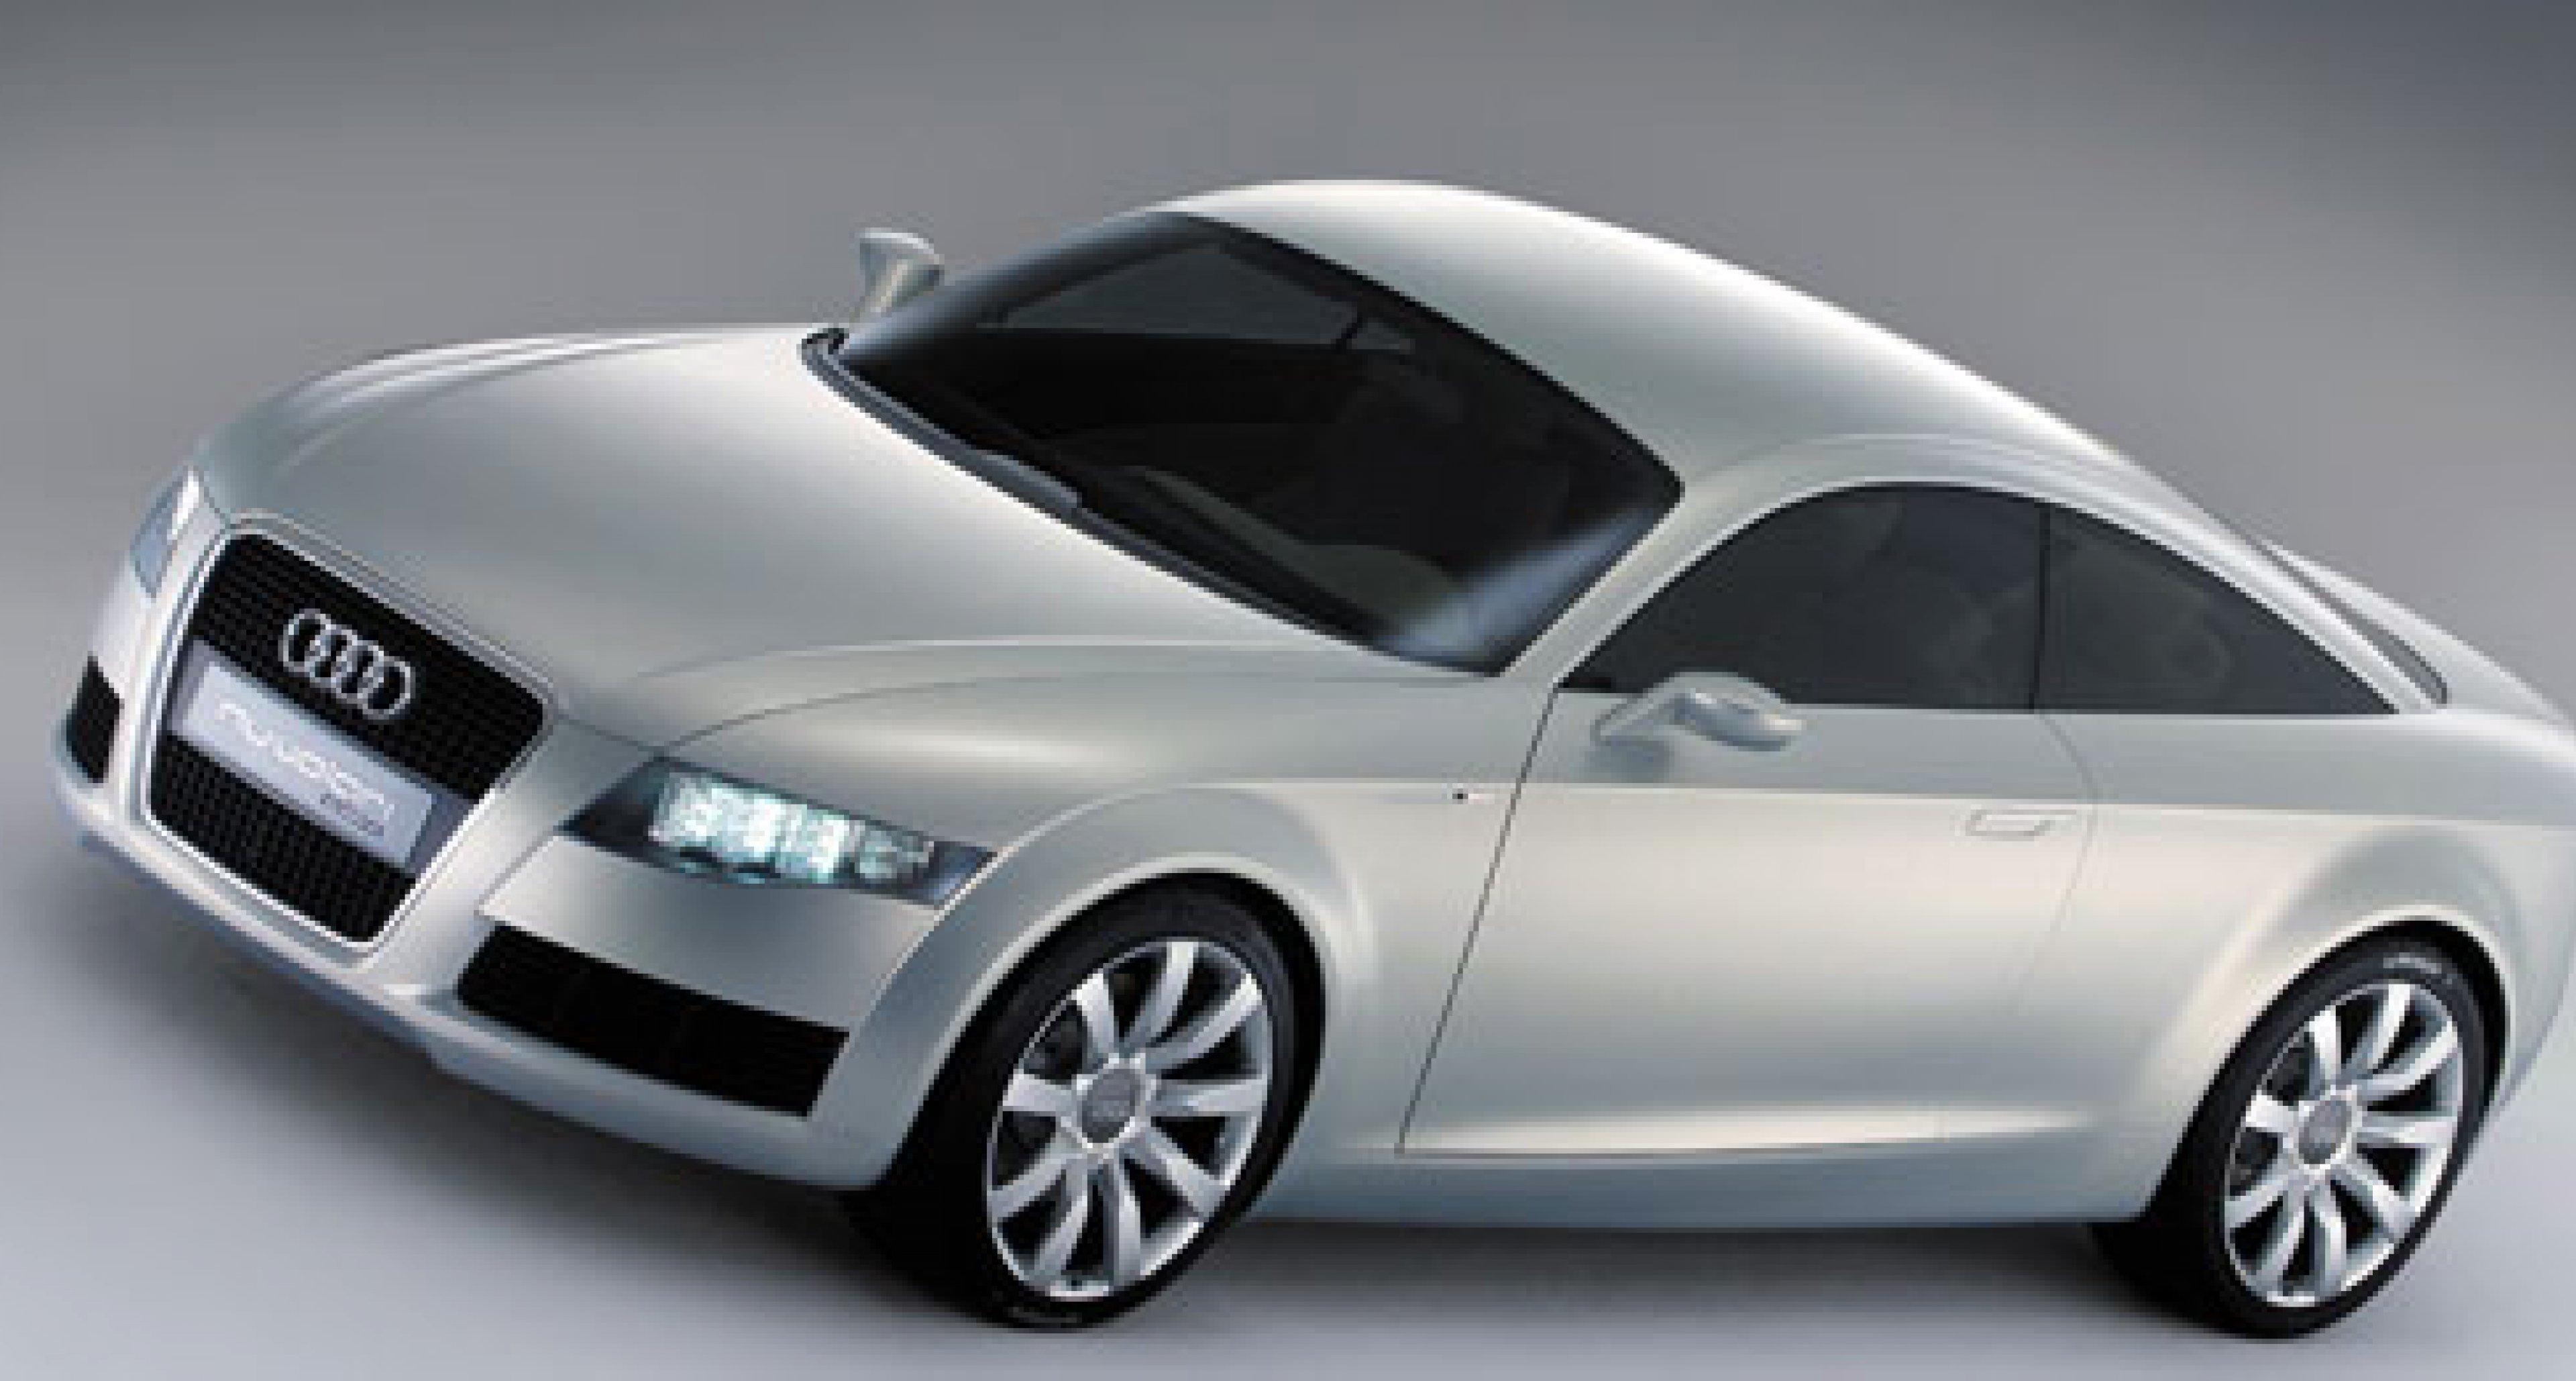 Audi Nuvolari quattro - New at Geneva